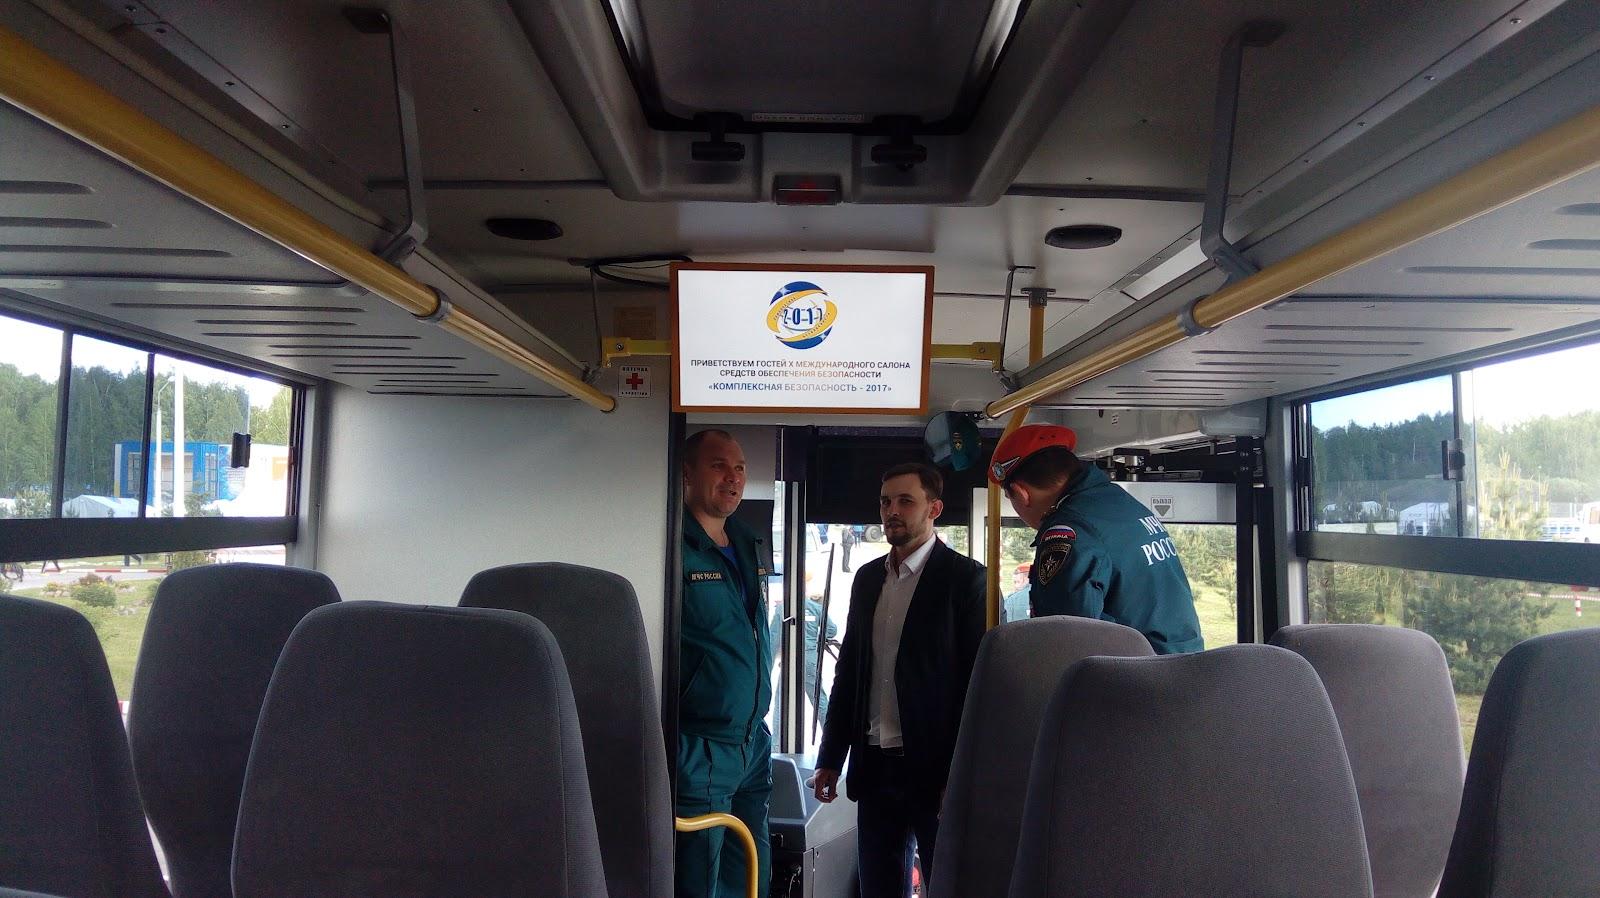 Автобус МЧС с экраном Первого Маршрутного Телевидения.jpg